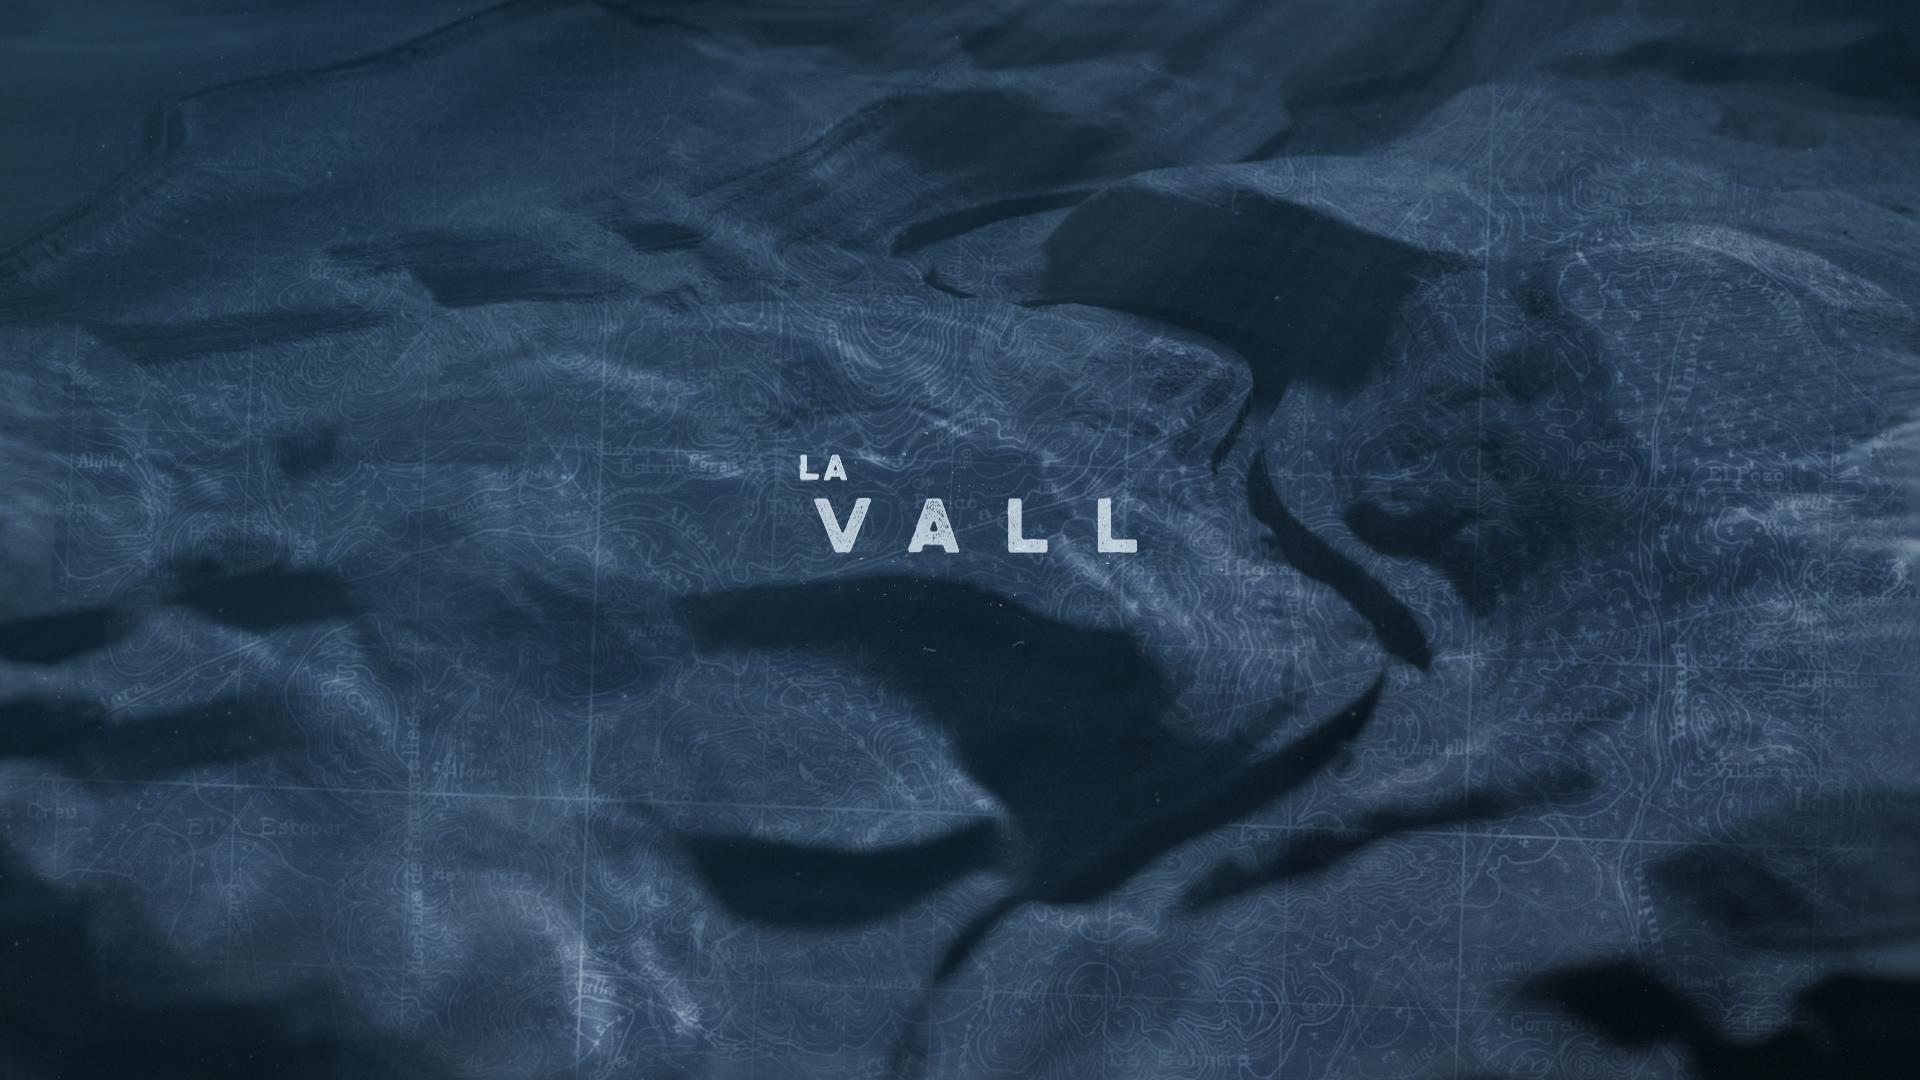 Virtual Art LA VALL títulos de crédito valencia